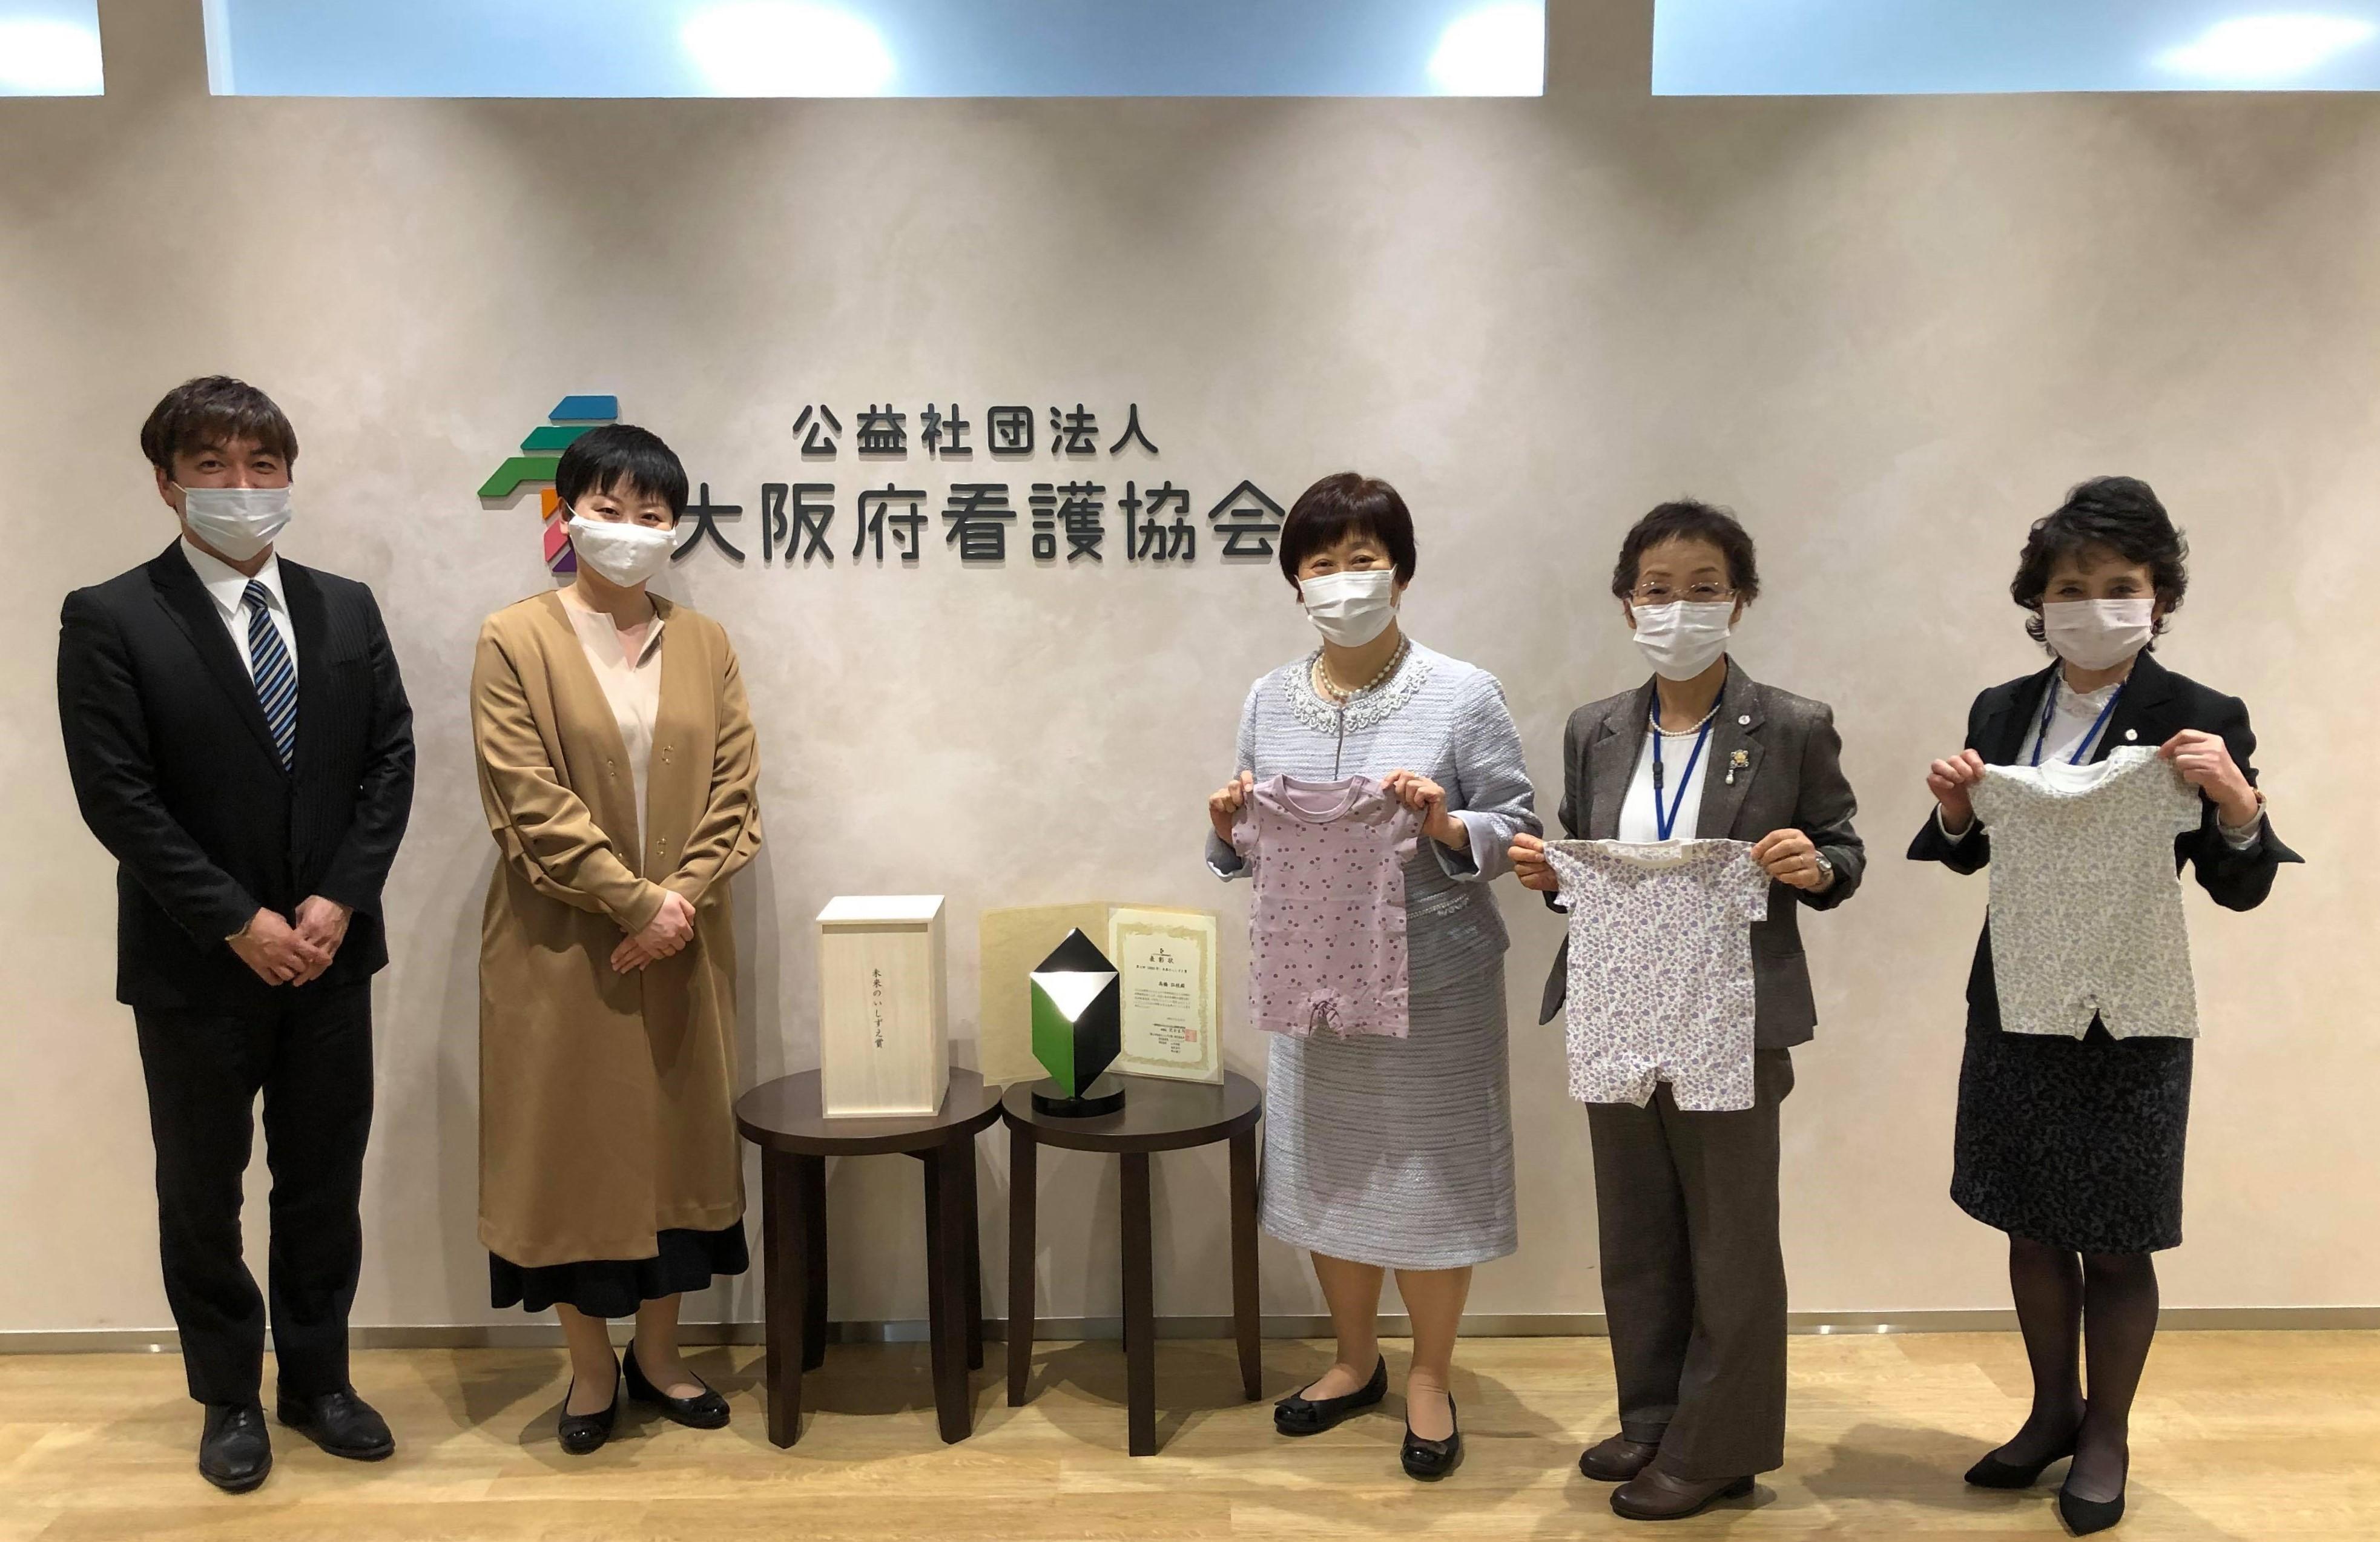 【グロウの社会貢献活動】~医療従事者のみなさまへ~大阪府看護協会へ子ども服をお届けしました